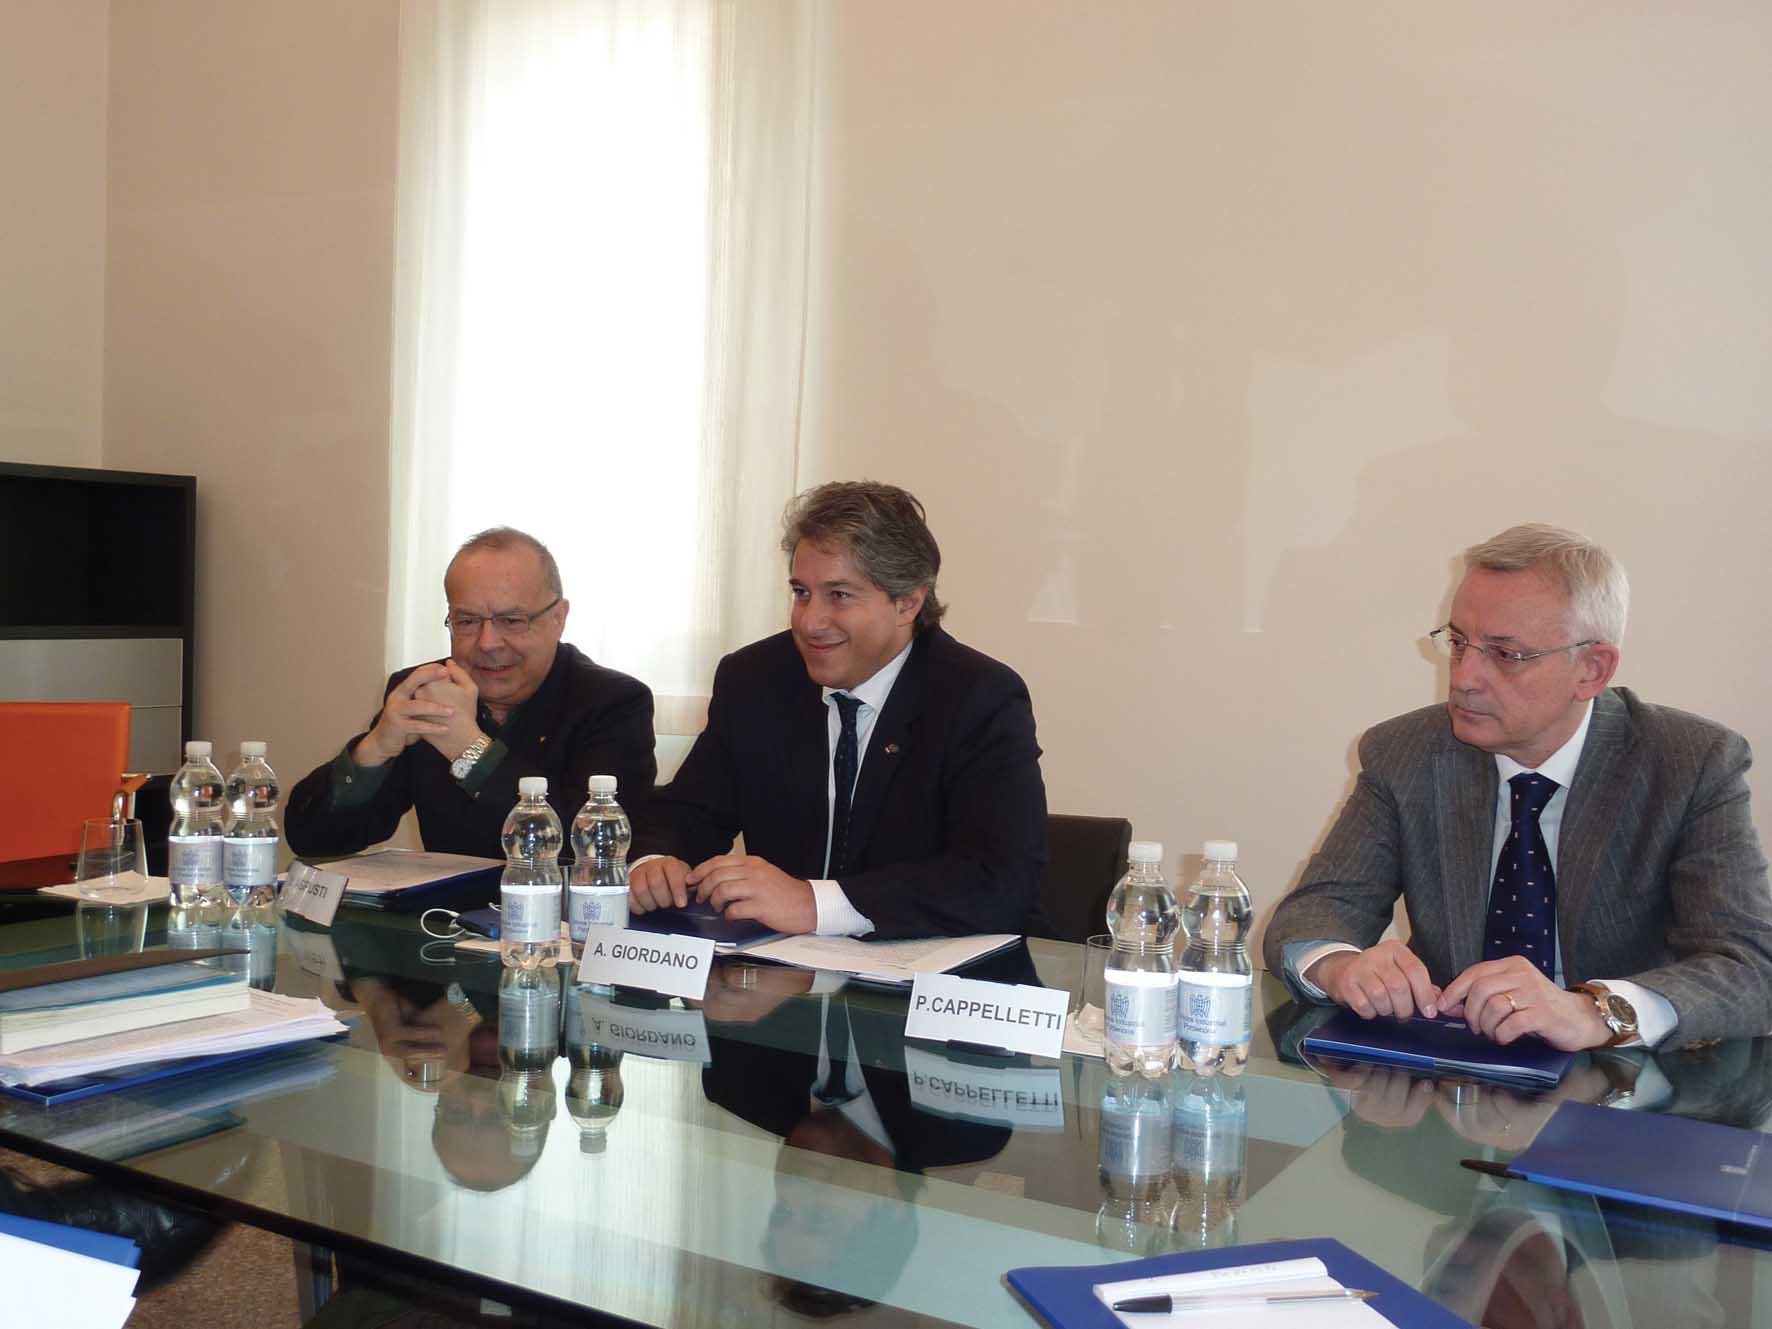 Fondazione CRO Aviano Onlus Agrusti Giordano Cappelletti 2 1